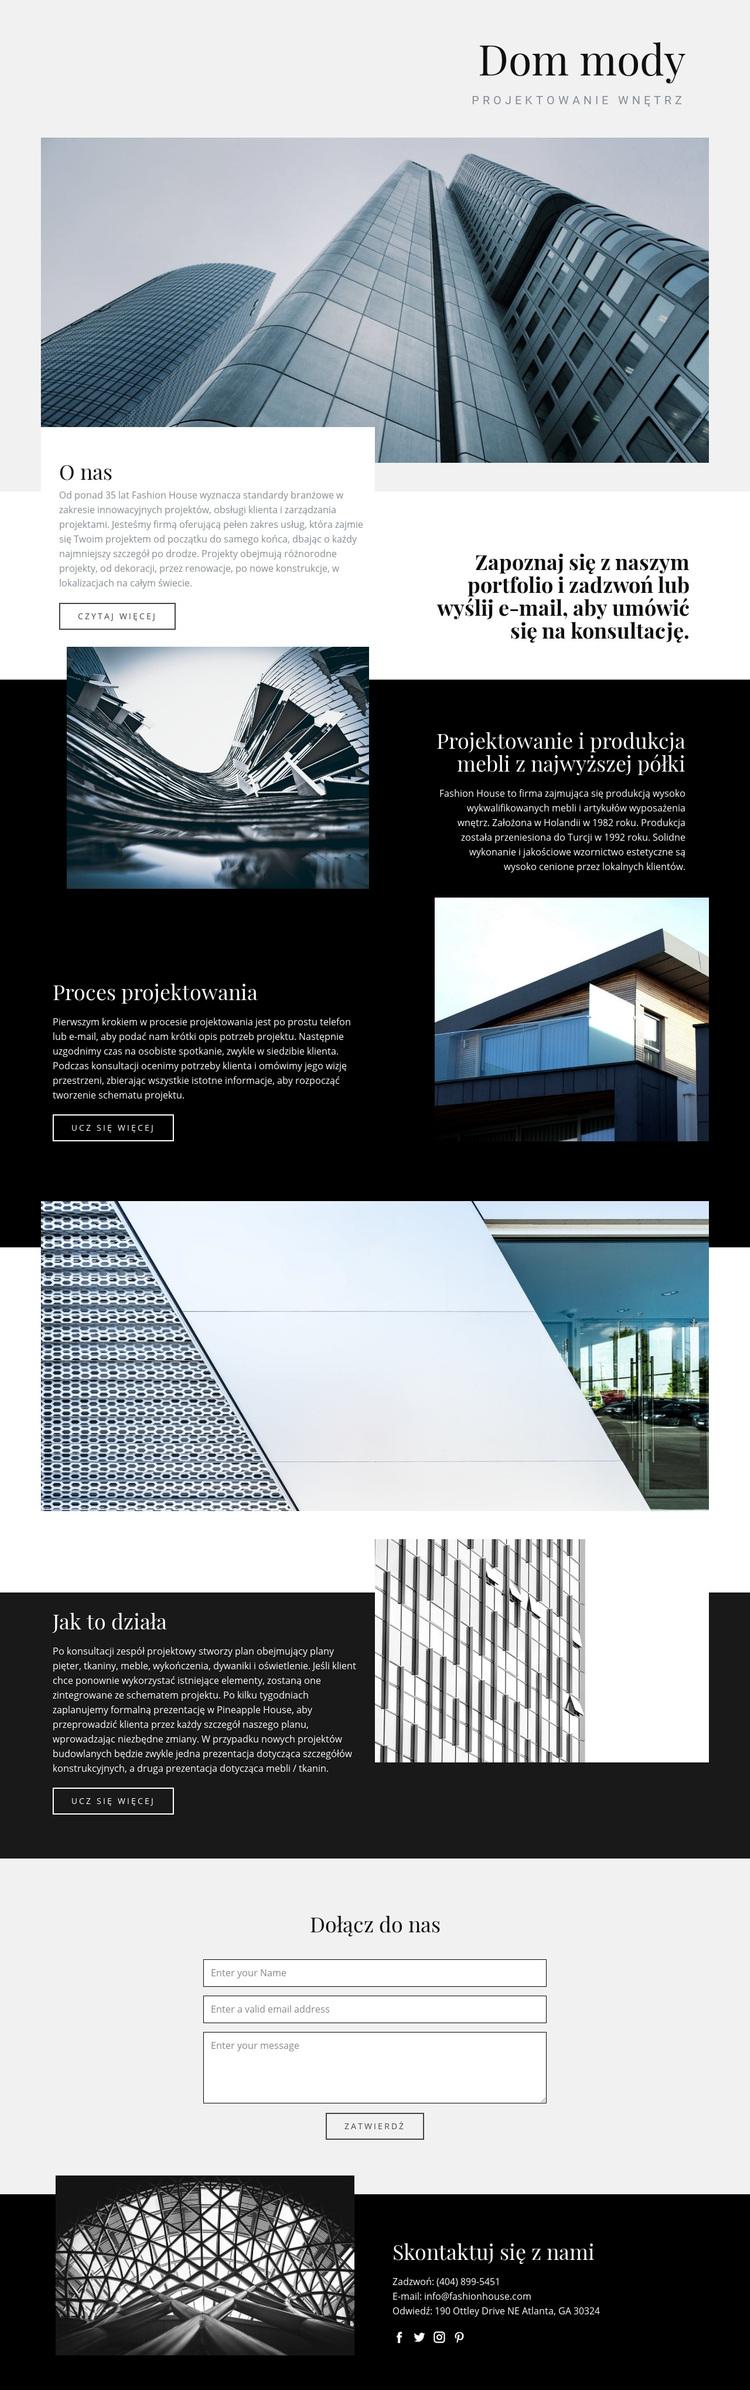 Dom mody Motyw WordPress